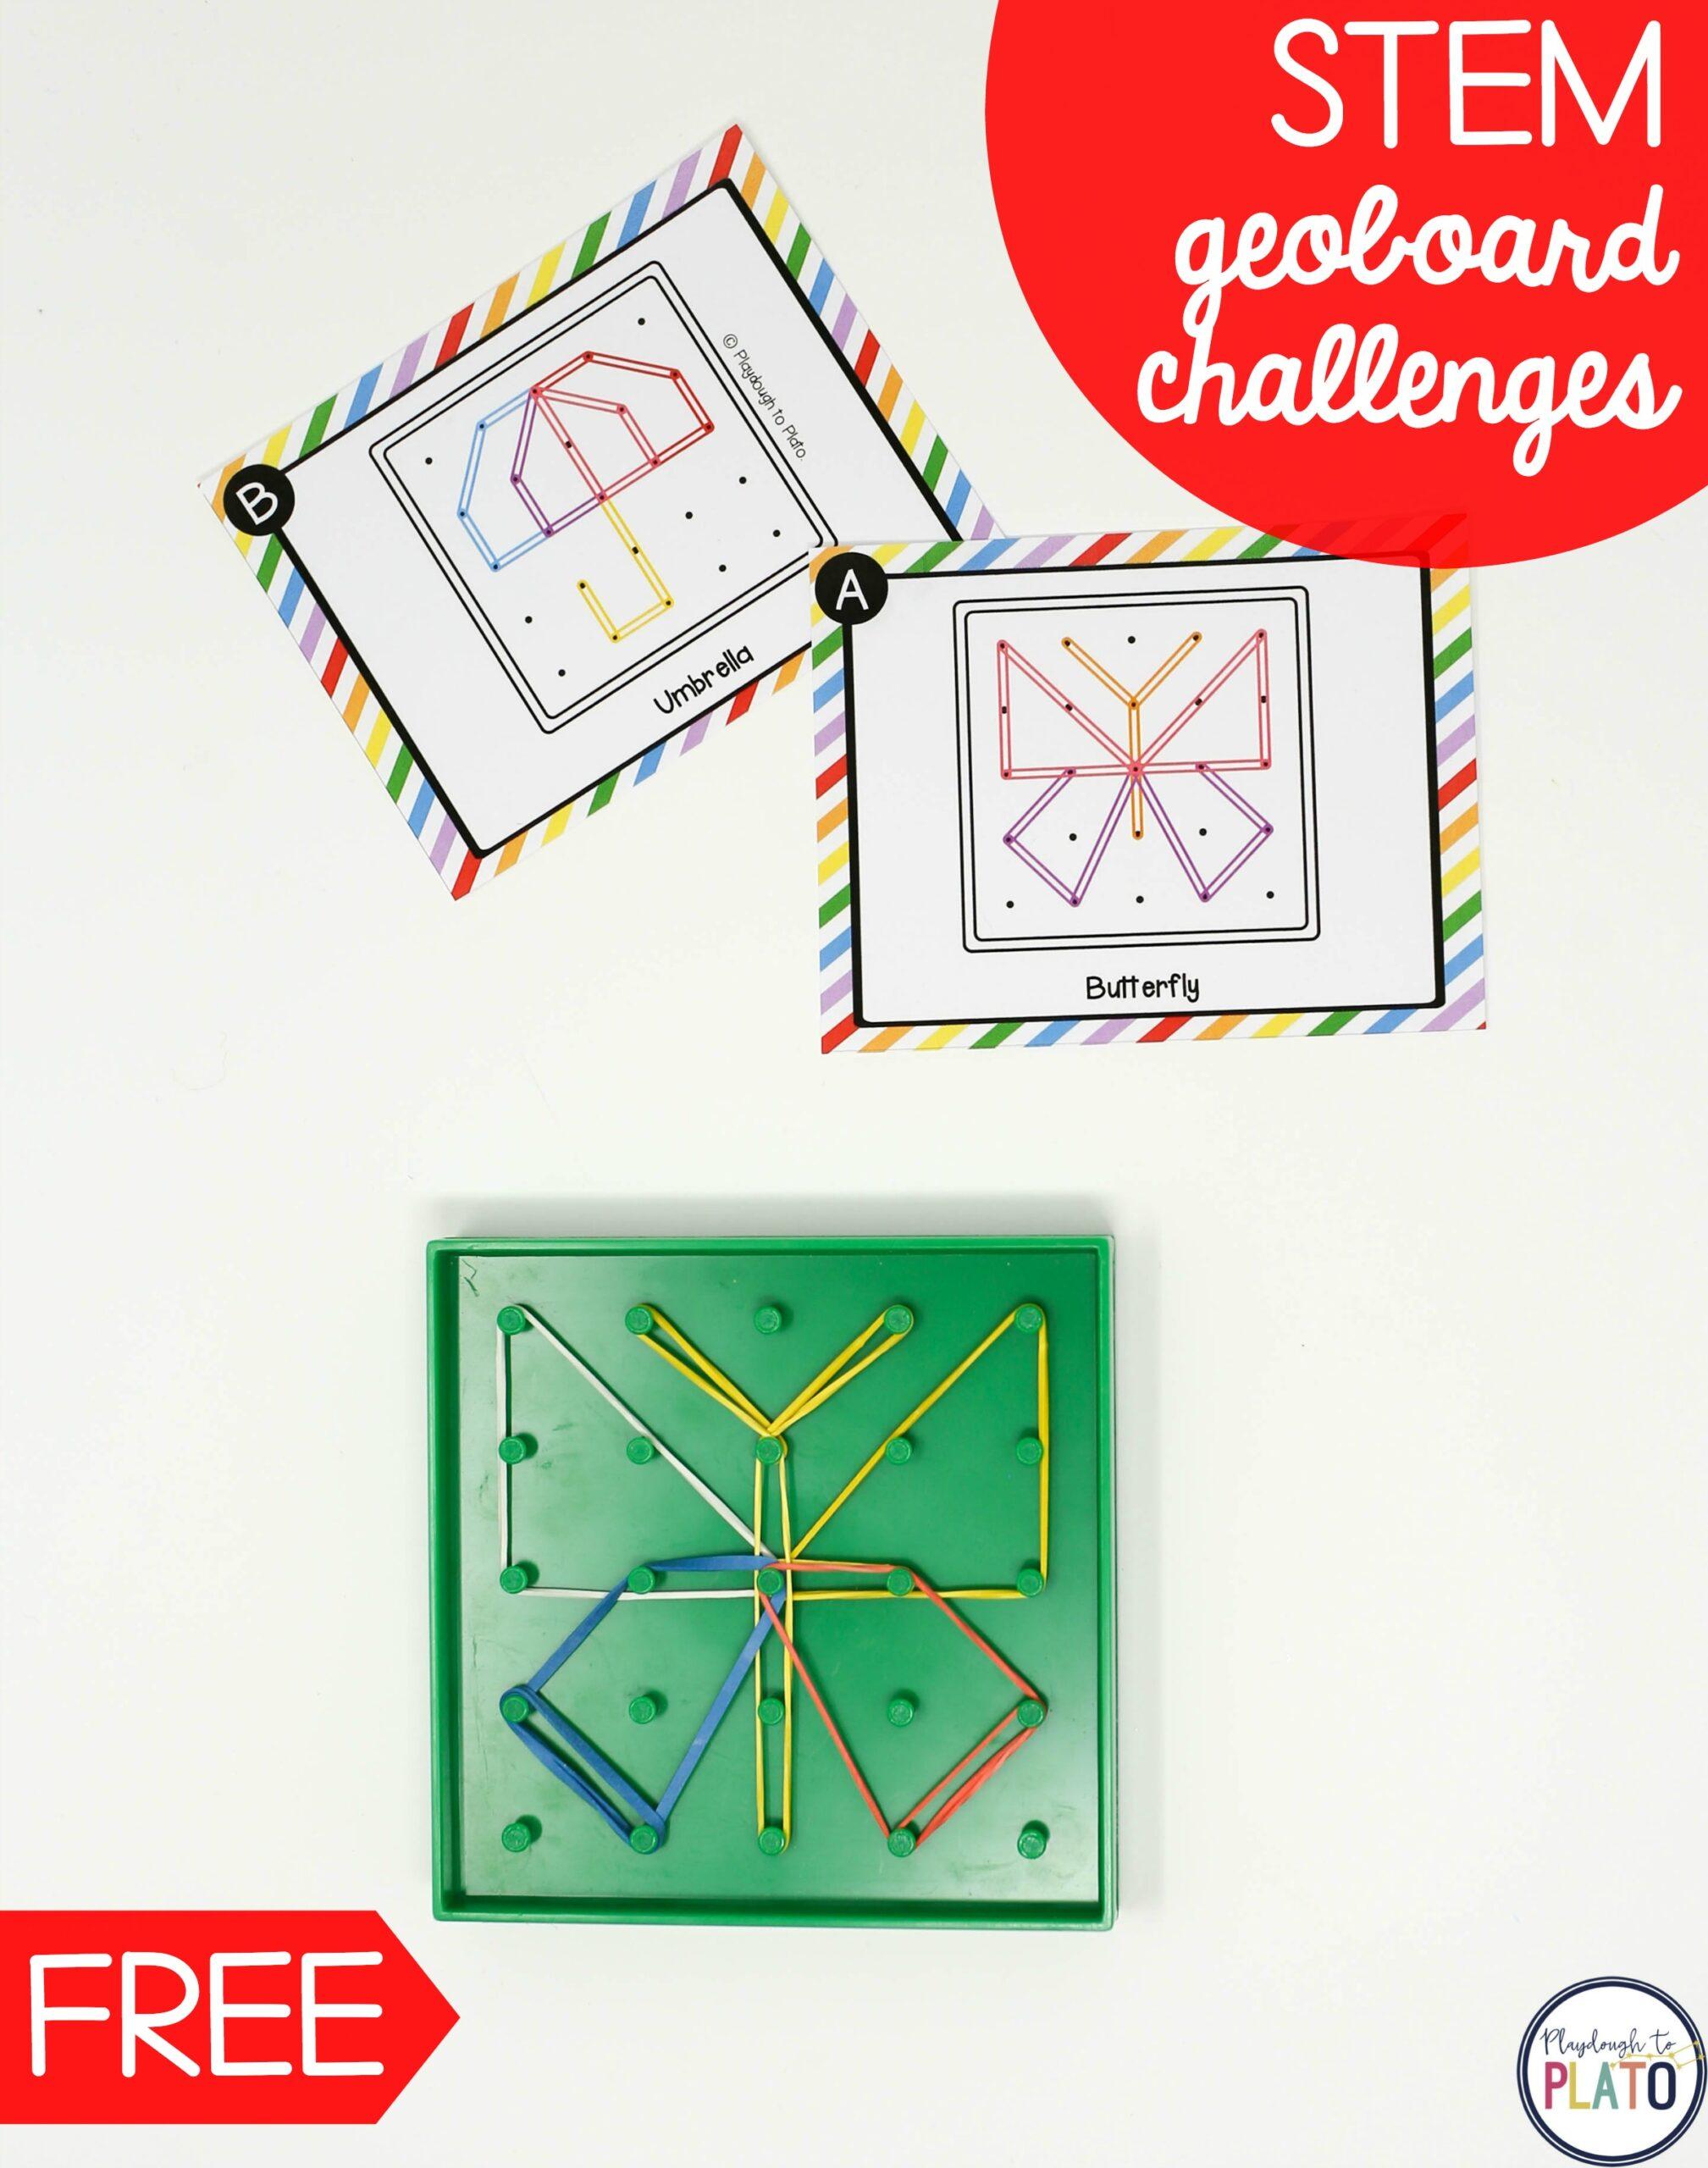 STEM Geoboard Challenges